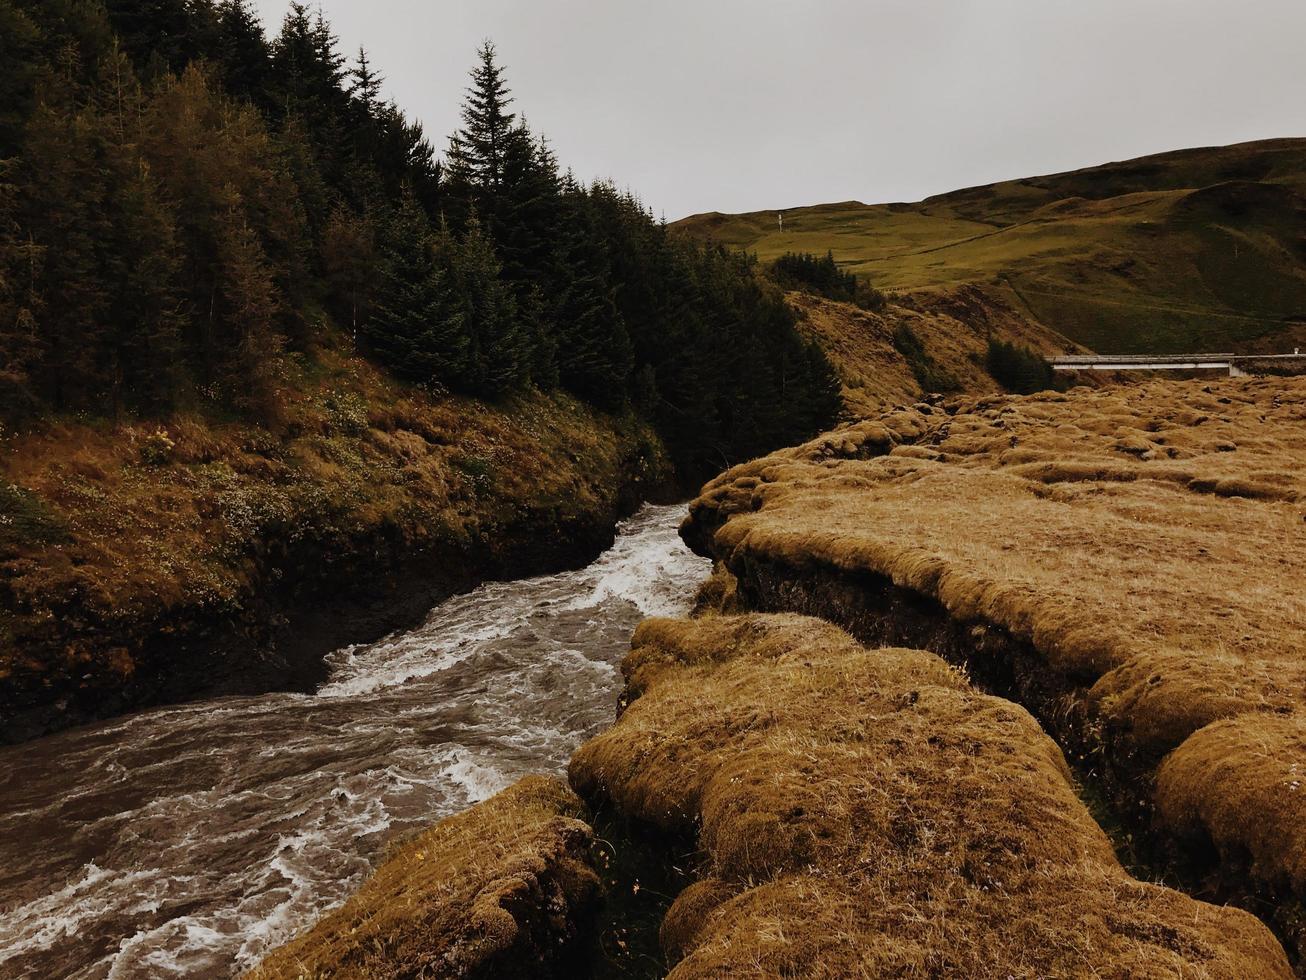 Wasserstrom zwischen Felsen foto